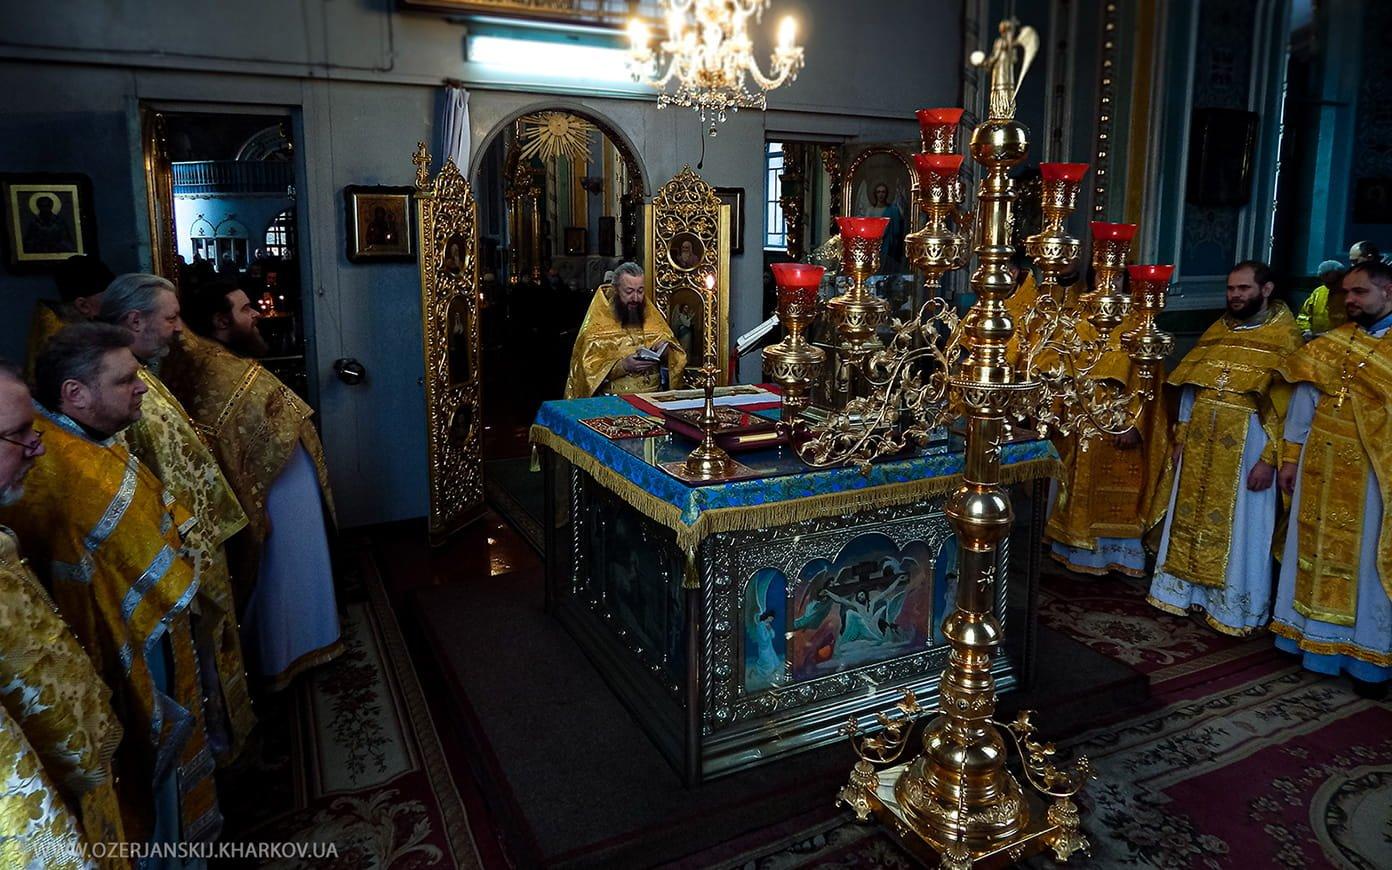 Свято-Озерянский храм. Святителя Иоасафа, епископа Белгородского, 23 декабря 2020 г.